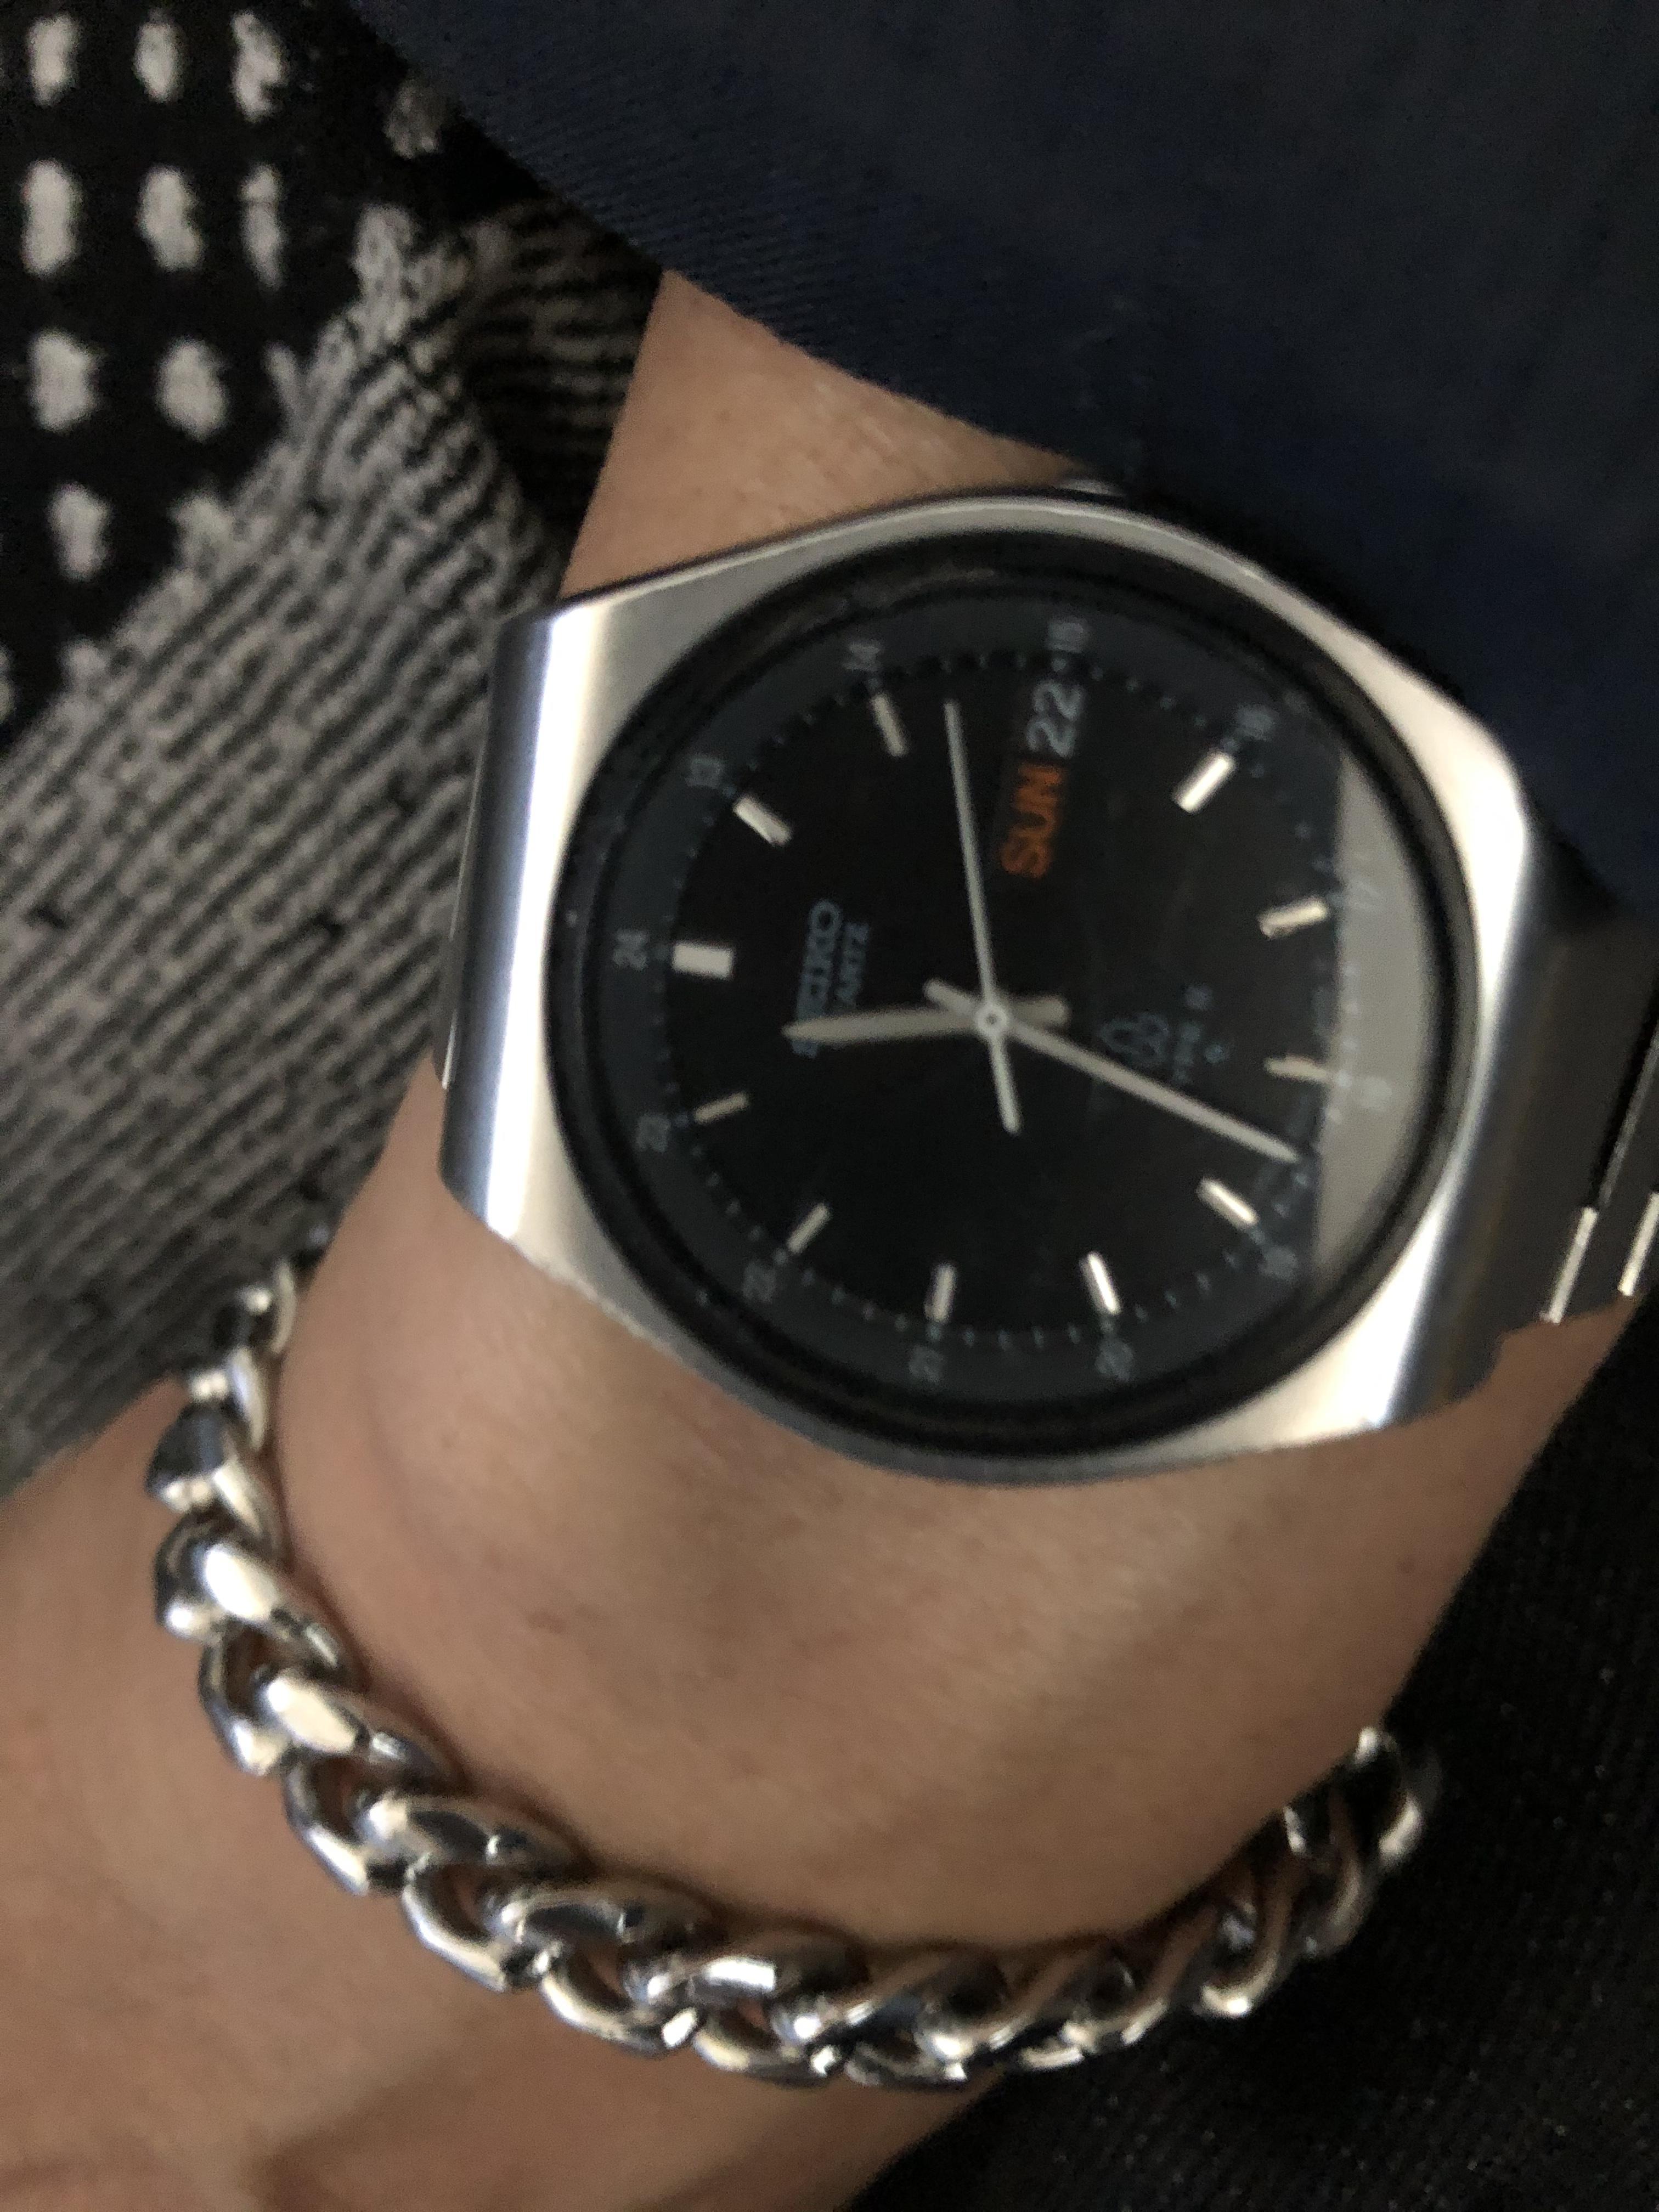 結婚指輪、ブレスレット、腕時計の醍醐味